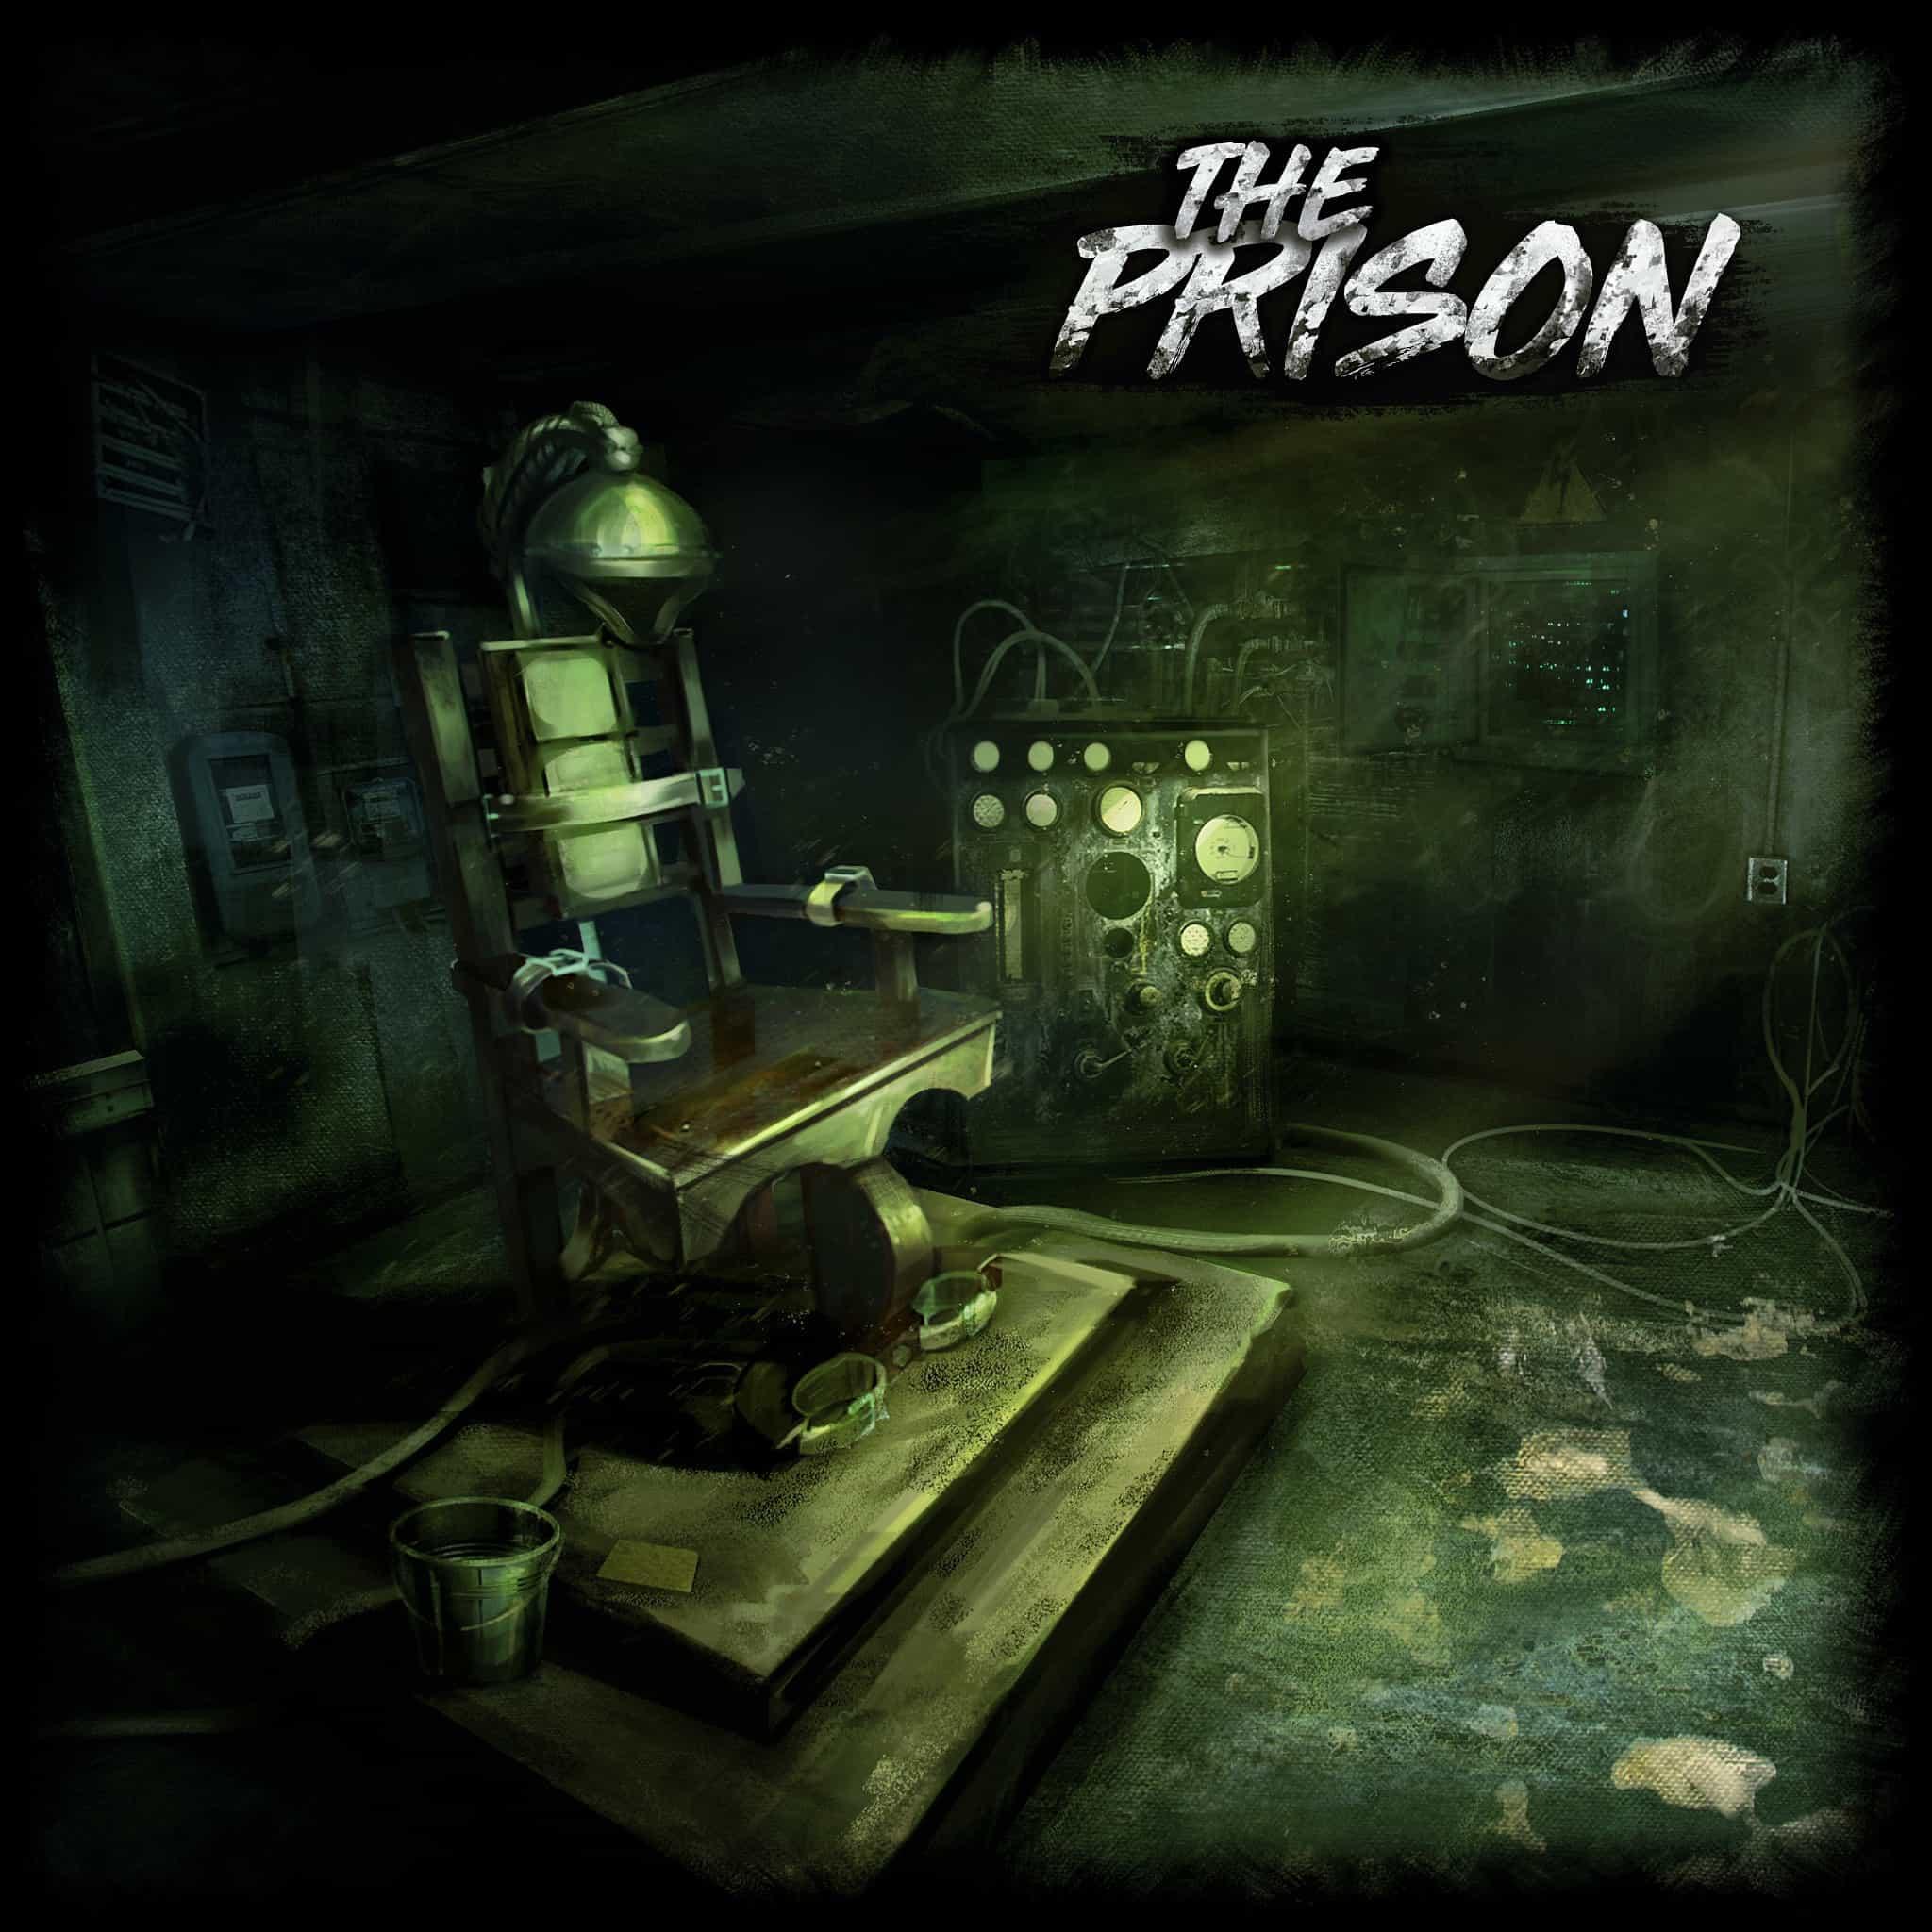 The Prison VR Escape Room